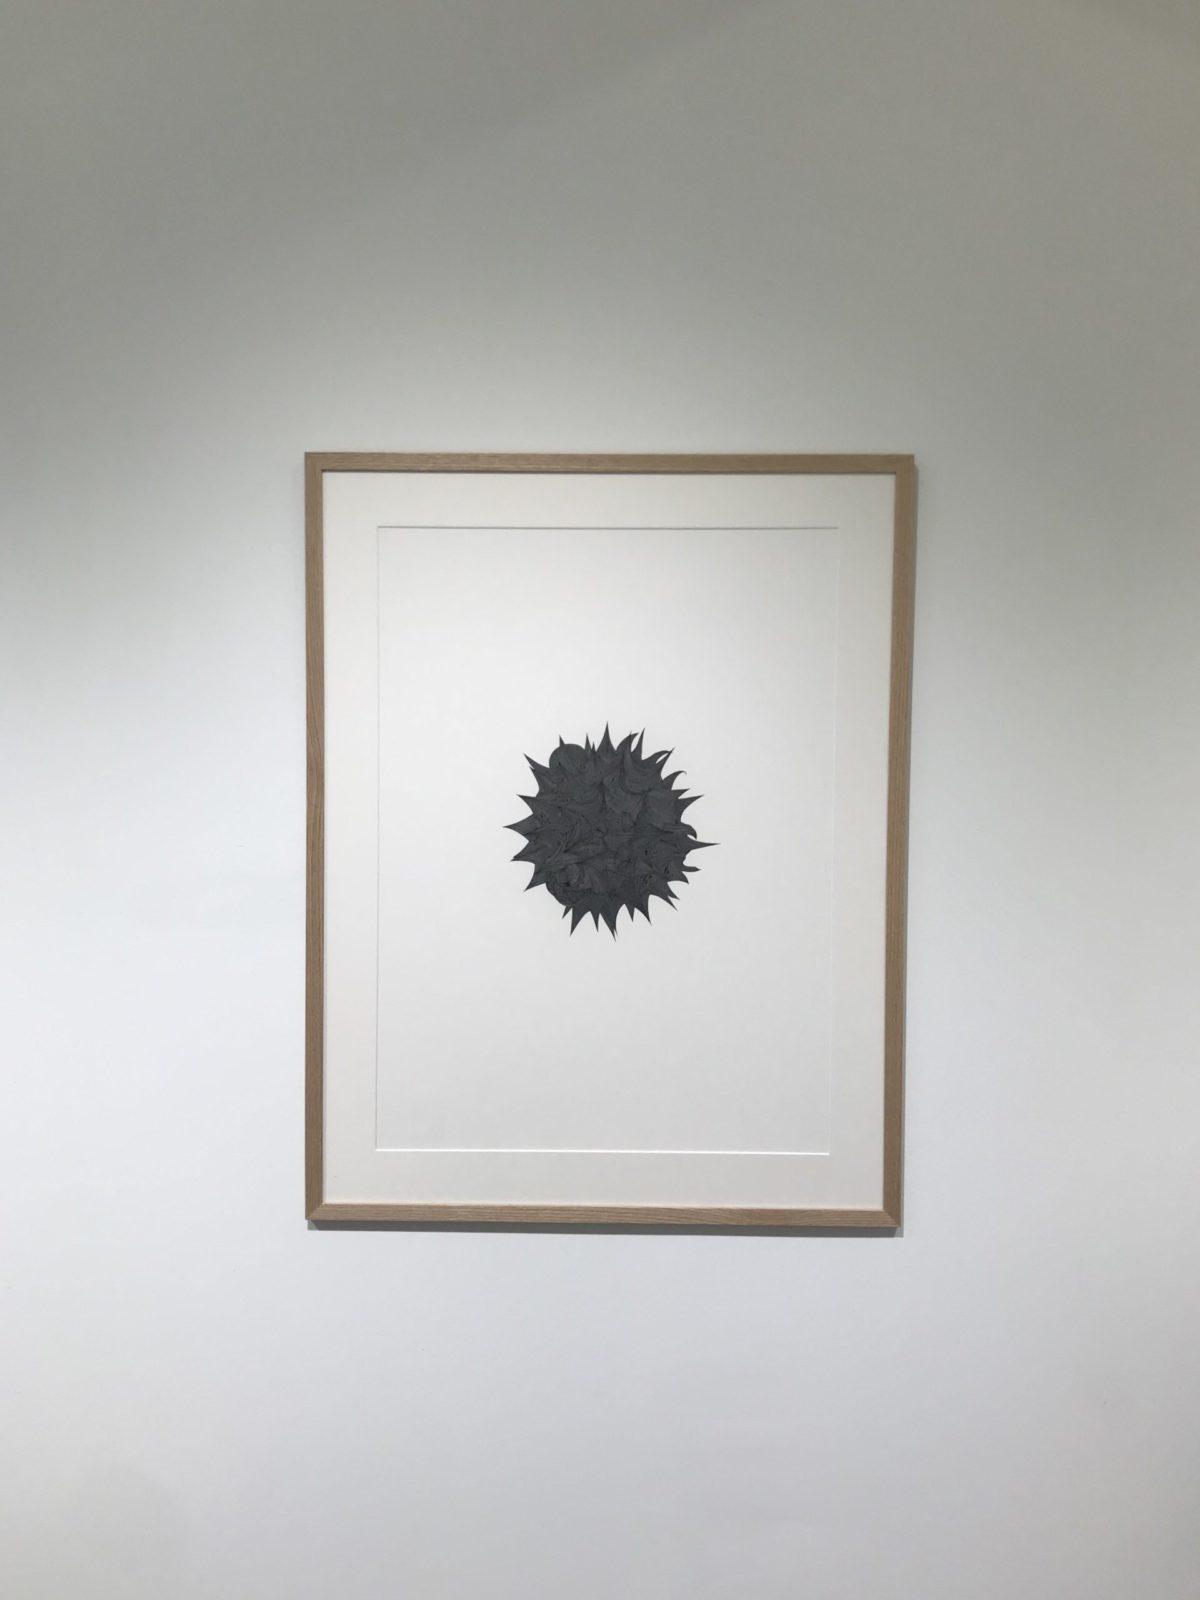 Jérémy Louvencourt, Série étude des pollens #2, Ink on paper, 2020.